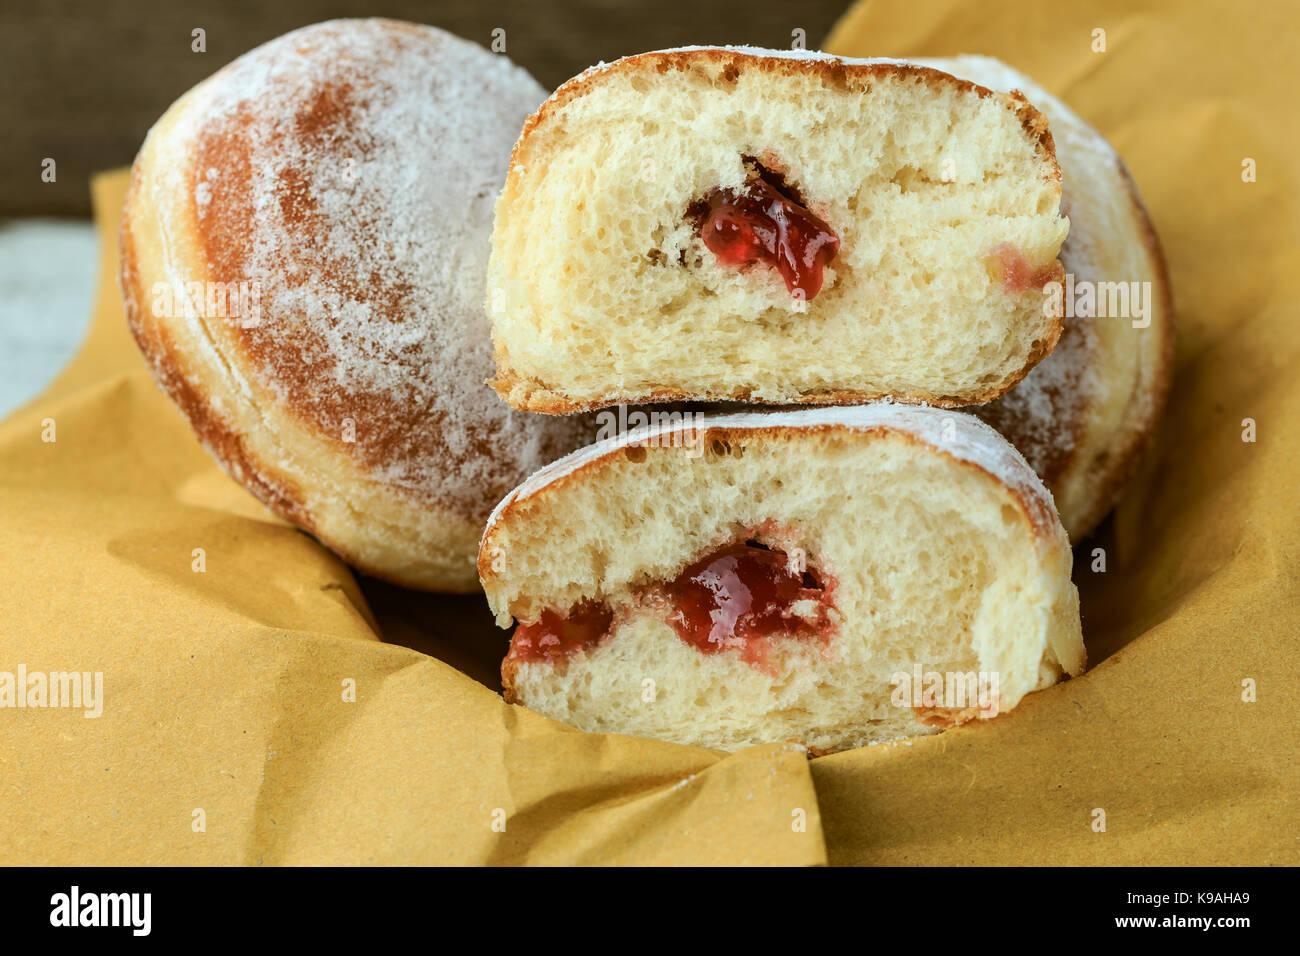 German doughnuts (krapfen) - Stock Image